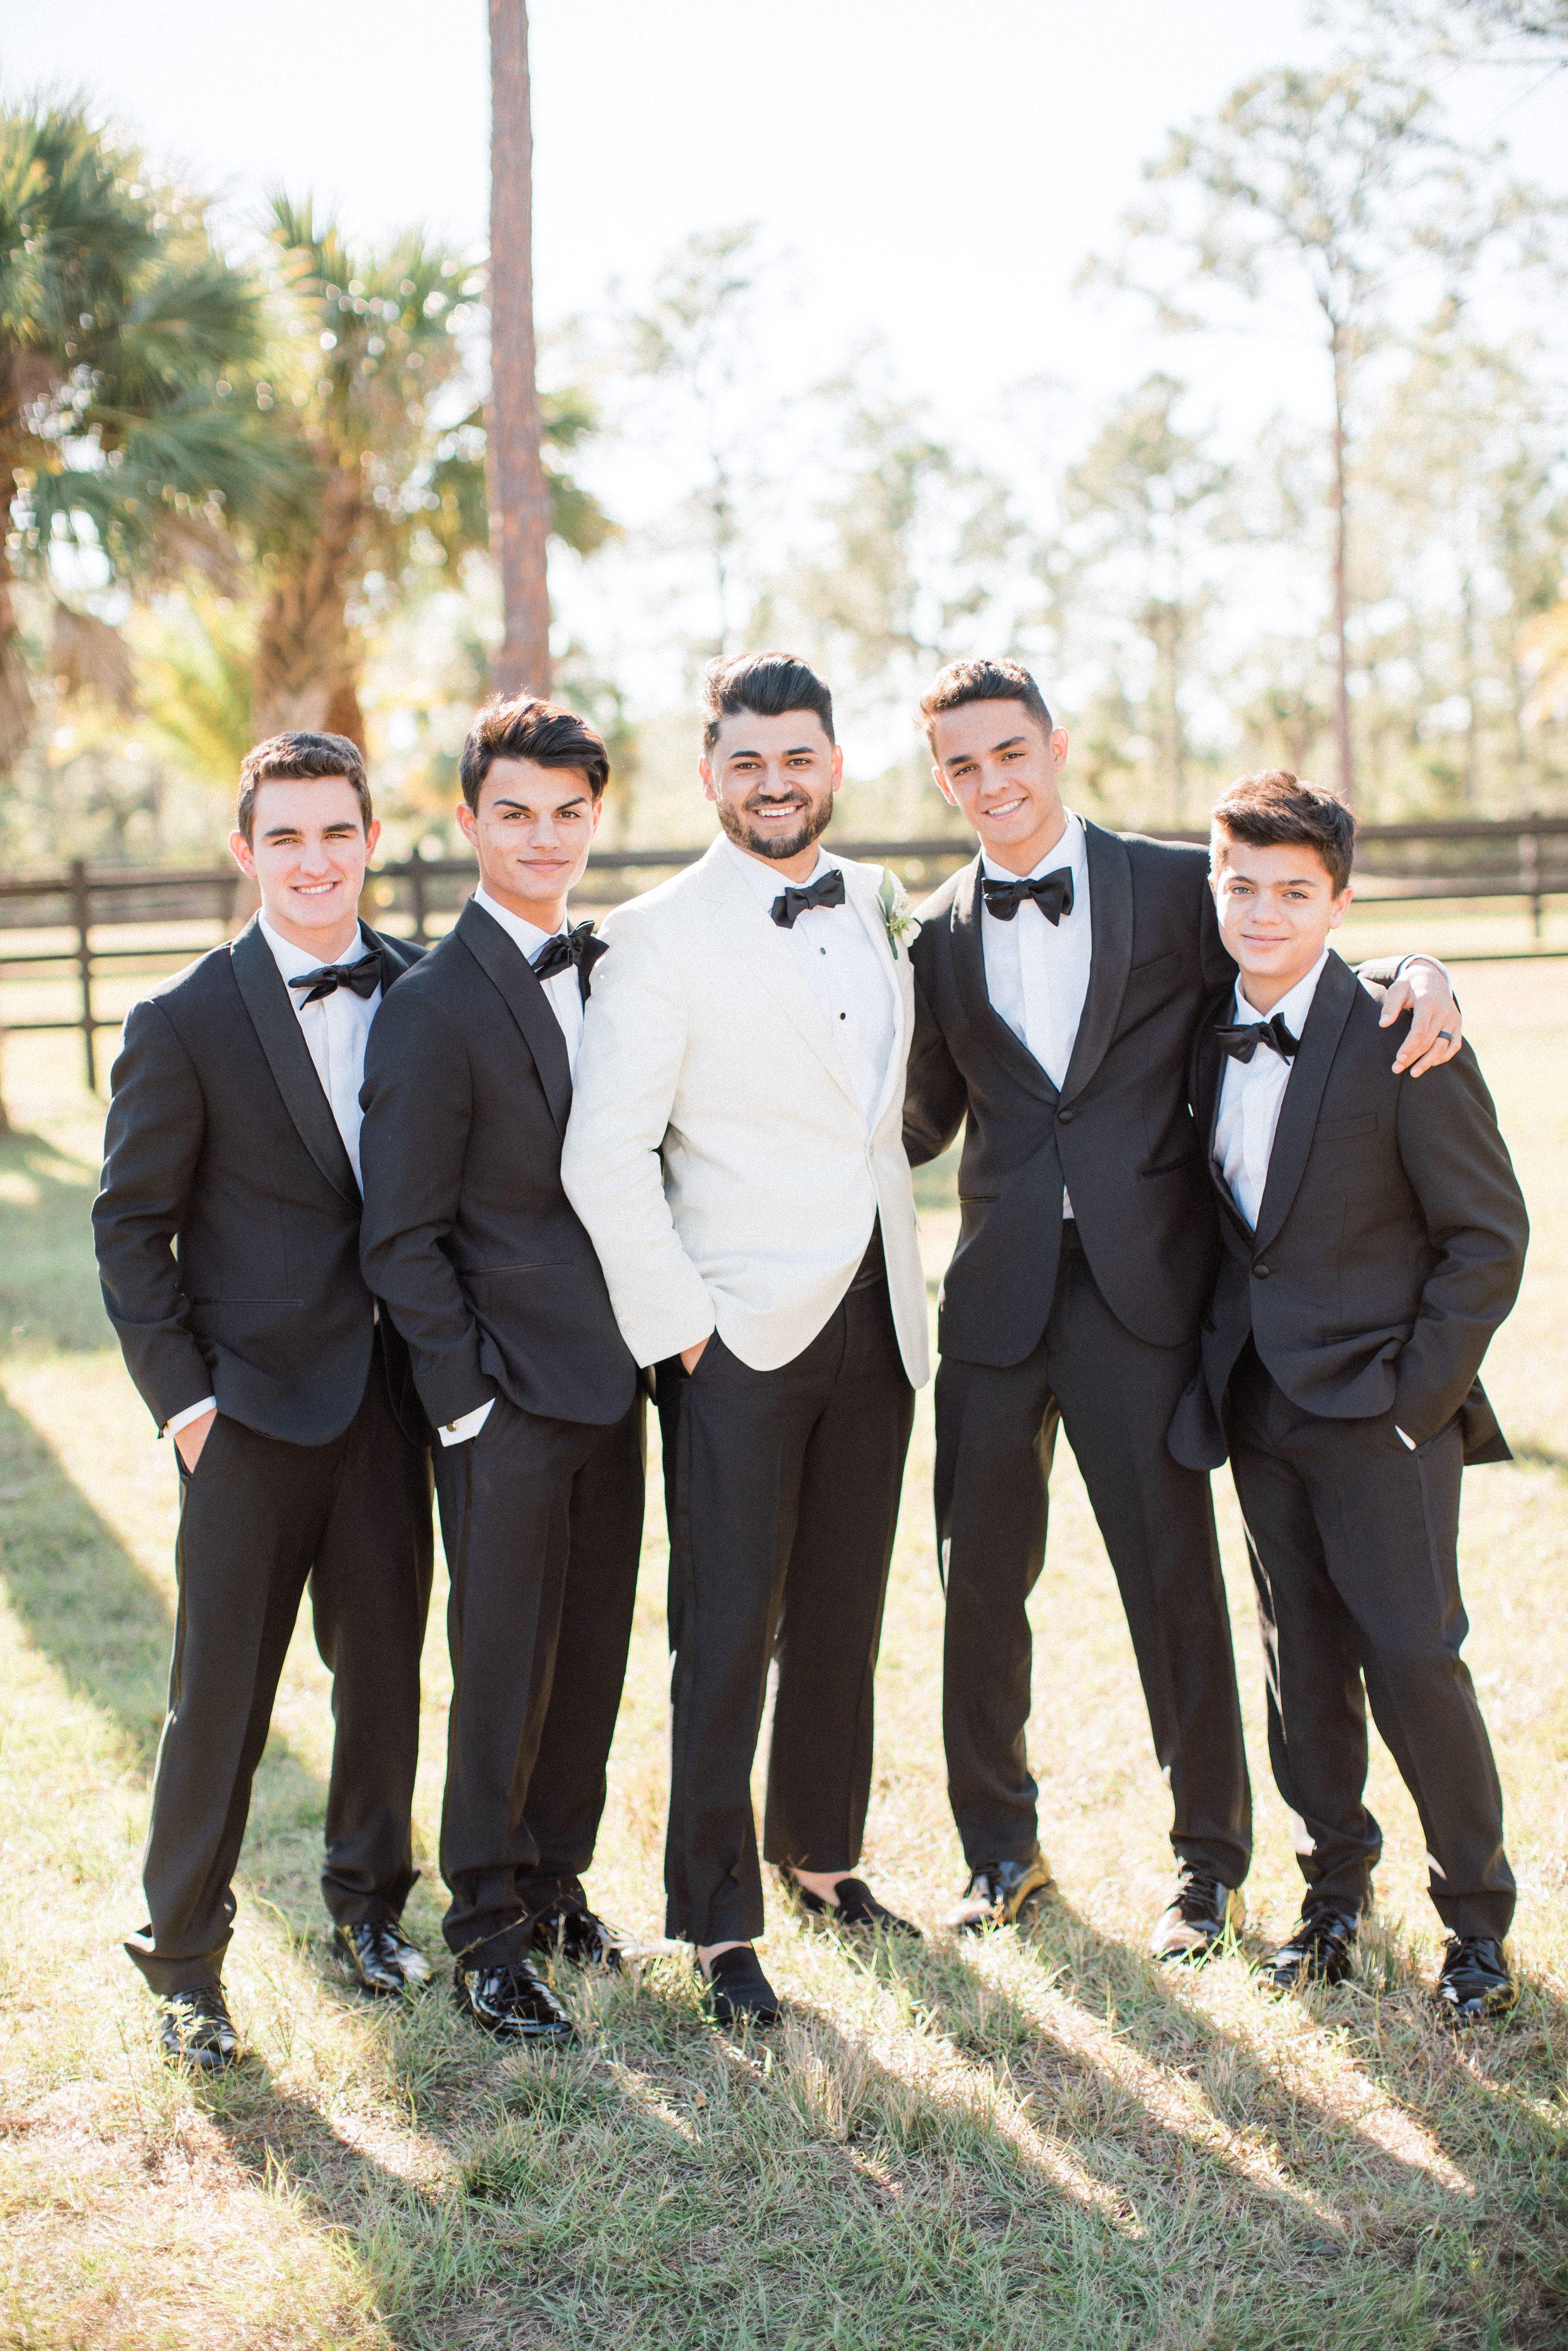 ourwedding06090.jpg